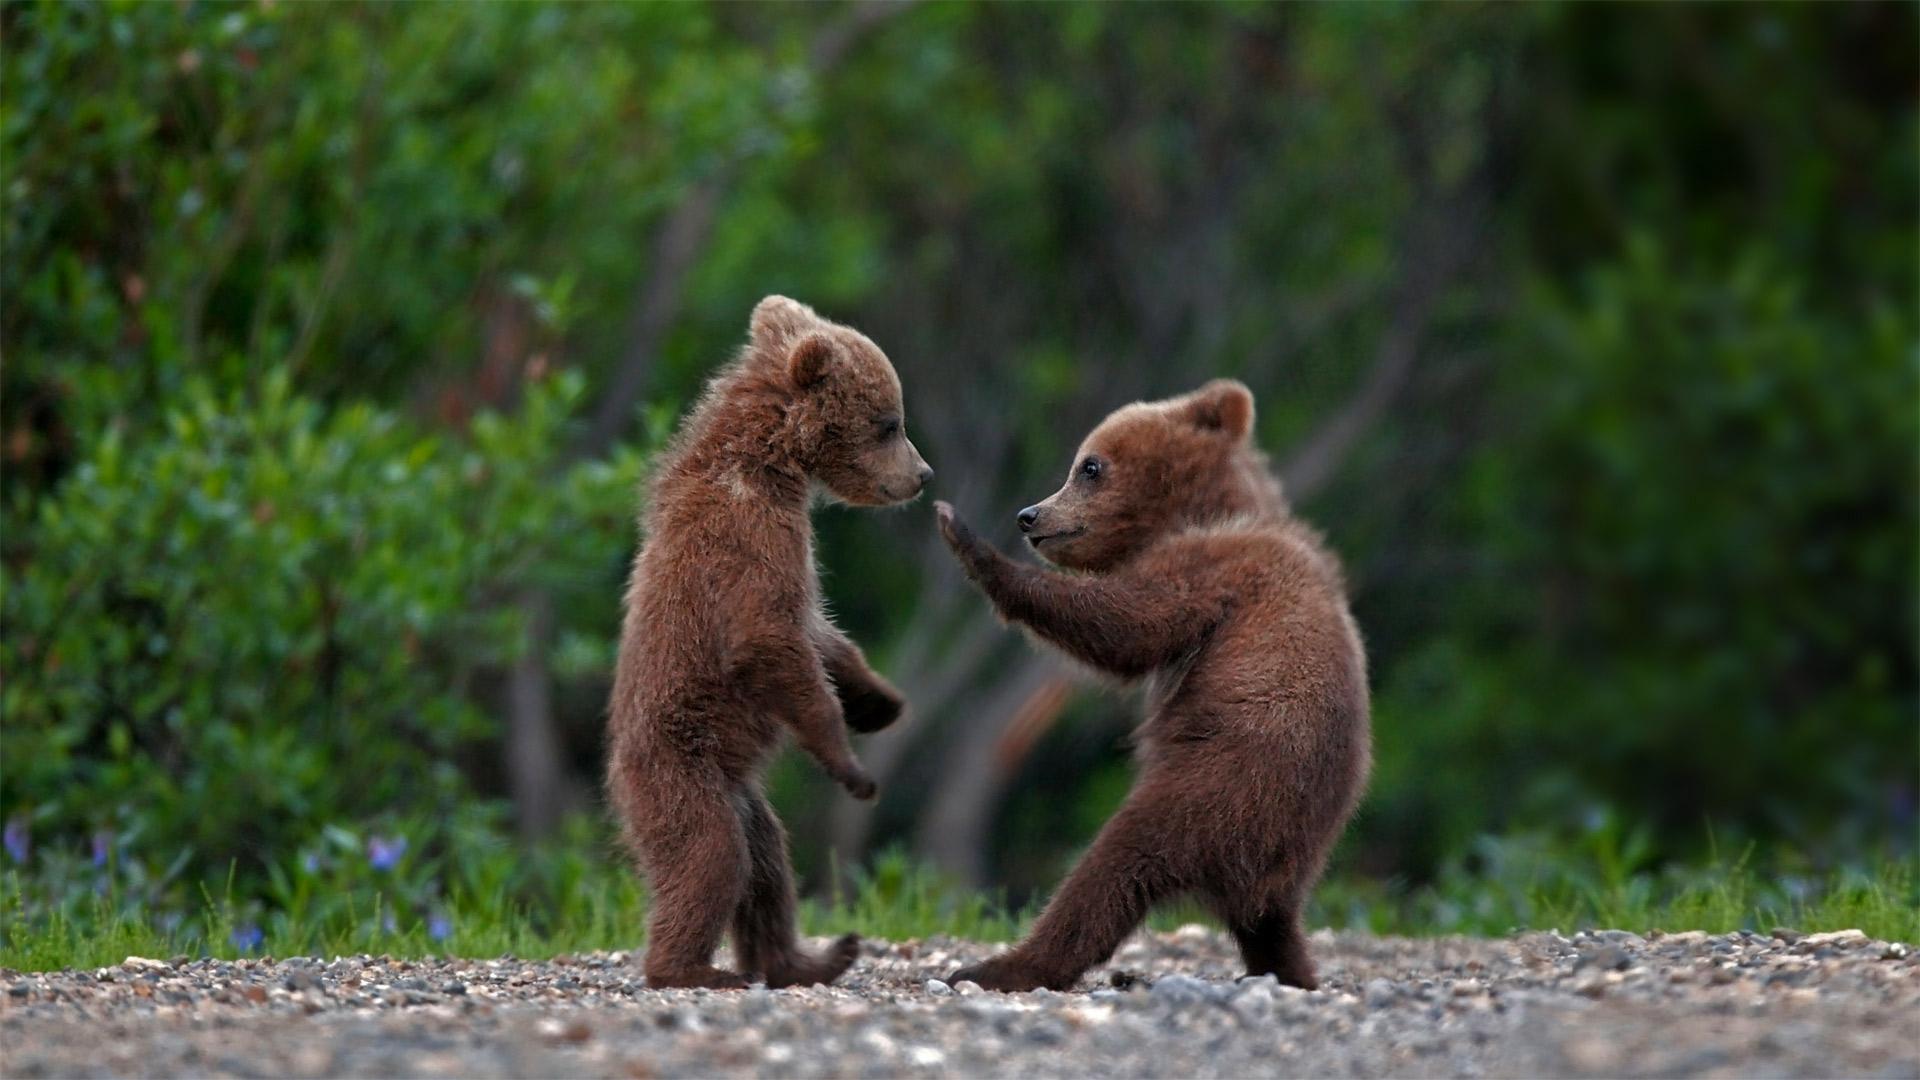 在迪纳利国家公园中玩耍的灰熊幼崽,阿拉斯加  (© Ron Niebrugge/Alamy)